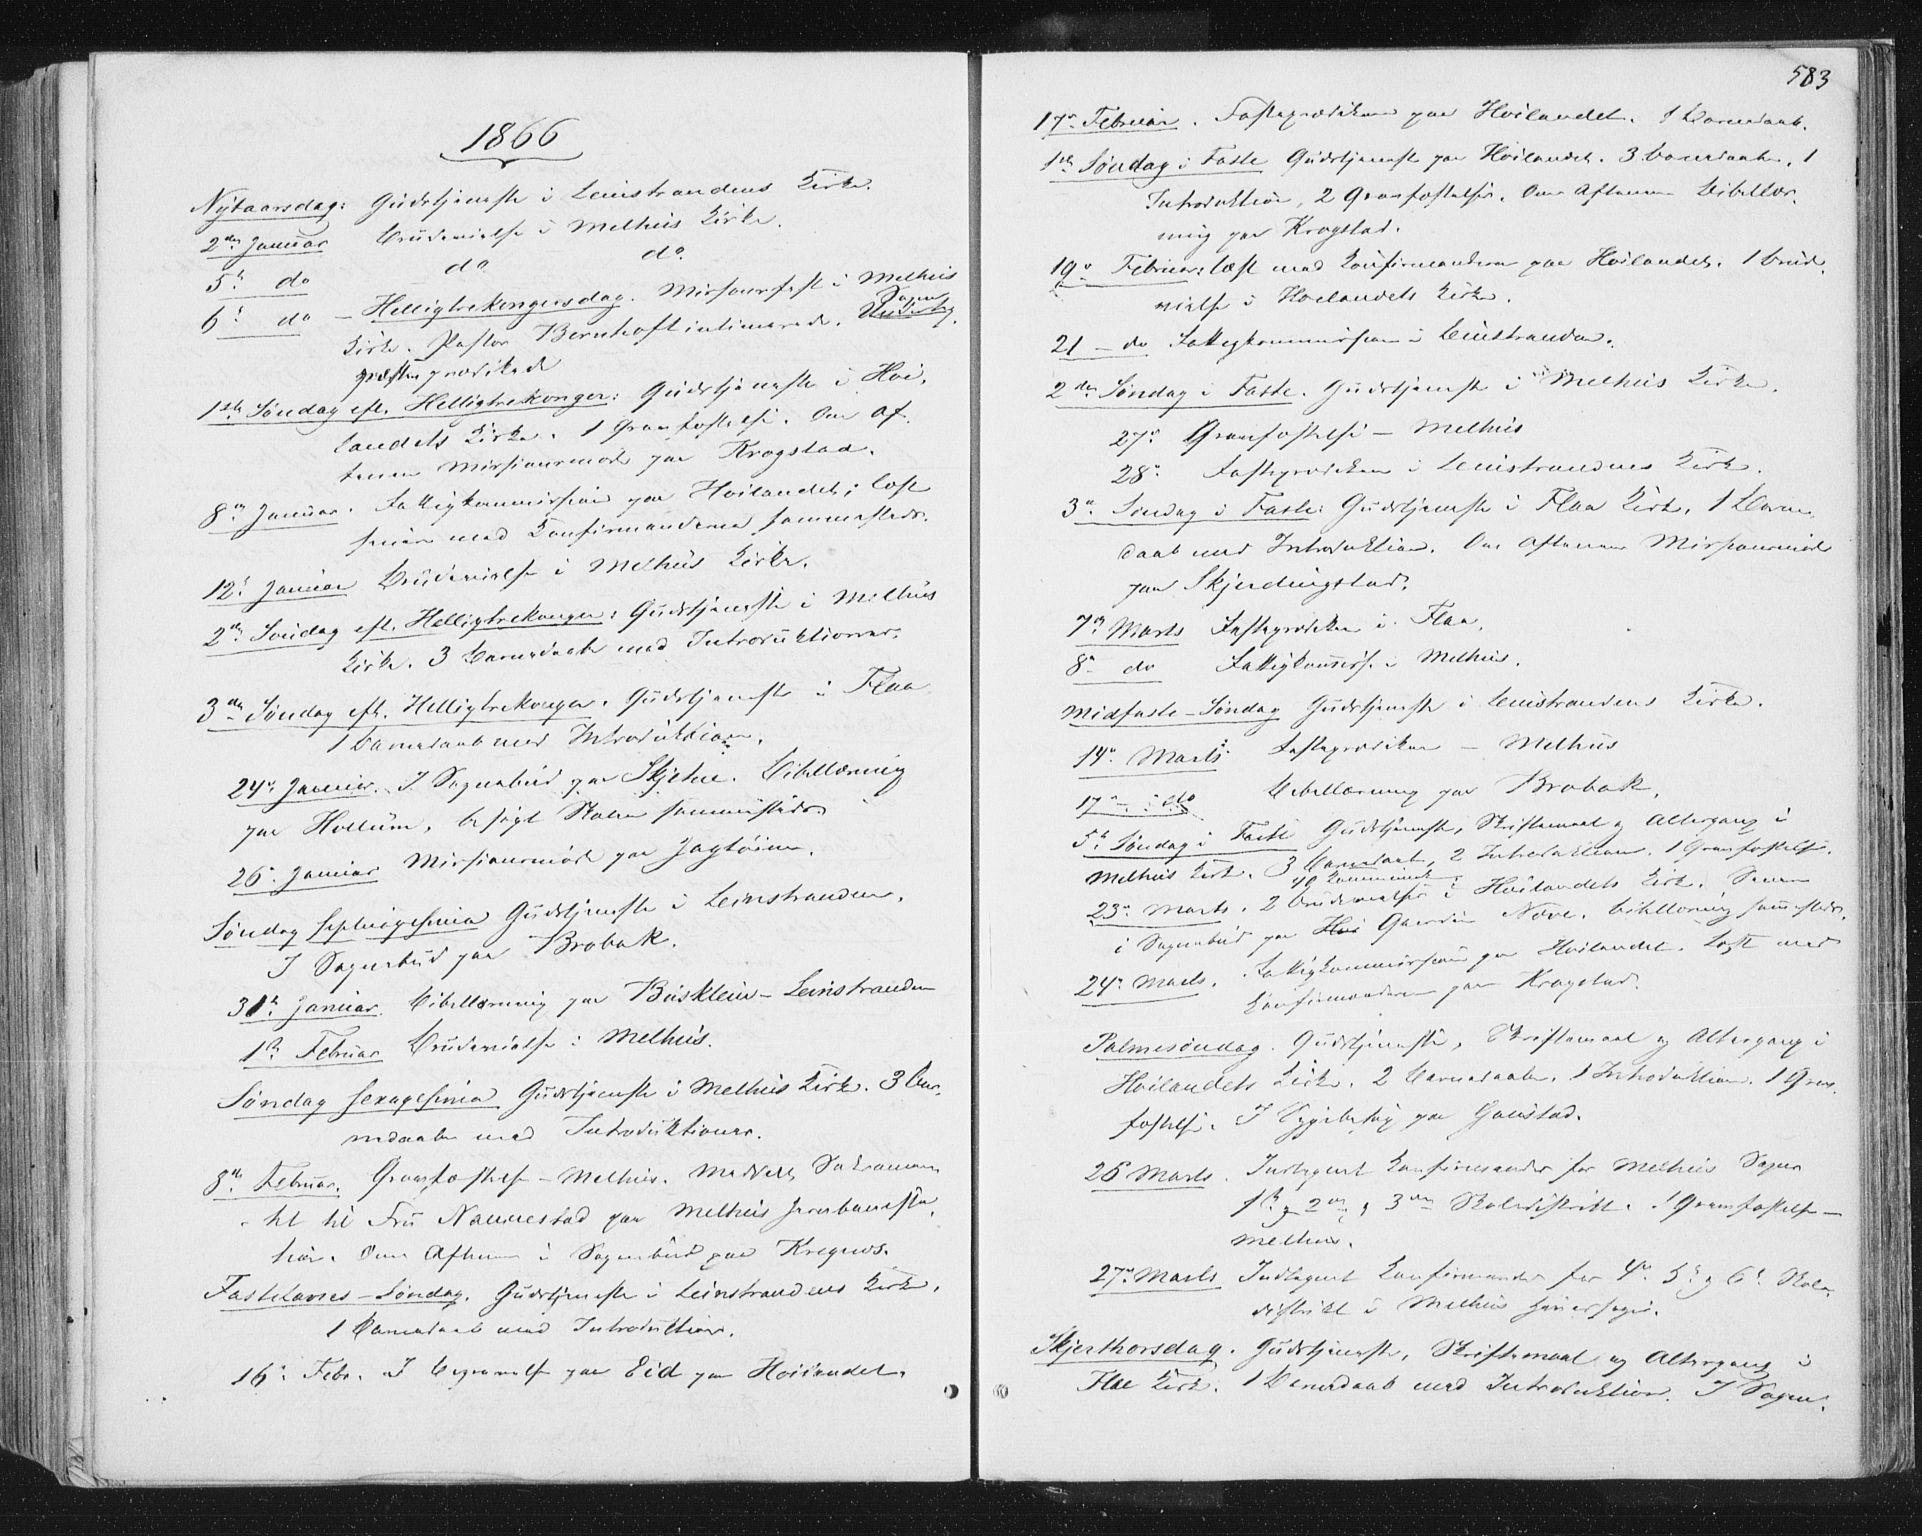 SAT, Ministerialprotokoller, klokkerbøker og fødselsregistre - Sør-Trøndelag, 691/L1077: Ministerialbok nr. 691A09, 1862-1873, s. 583